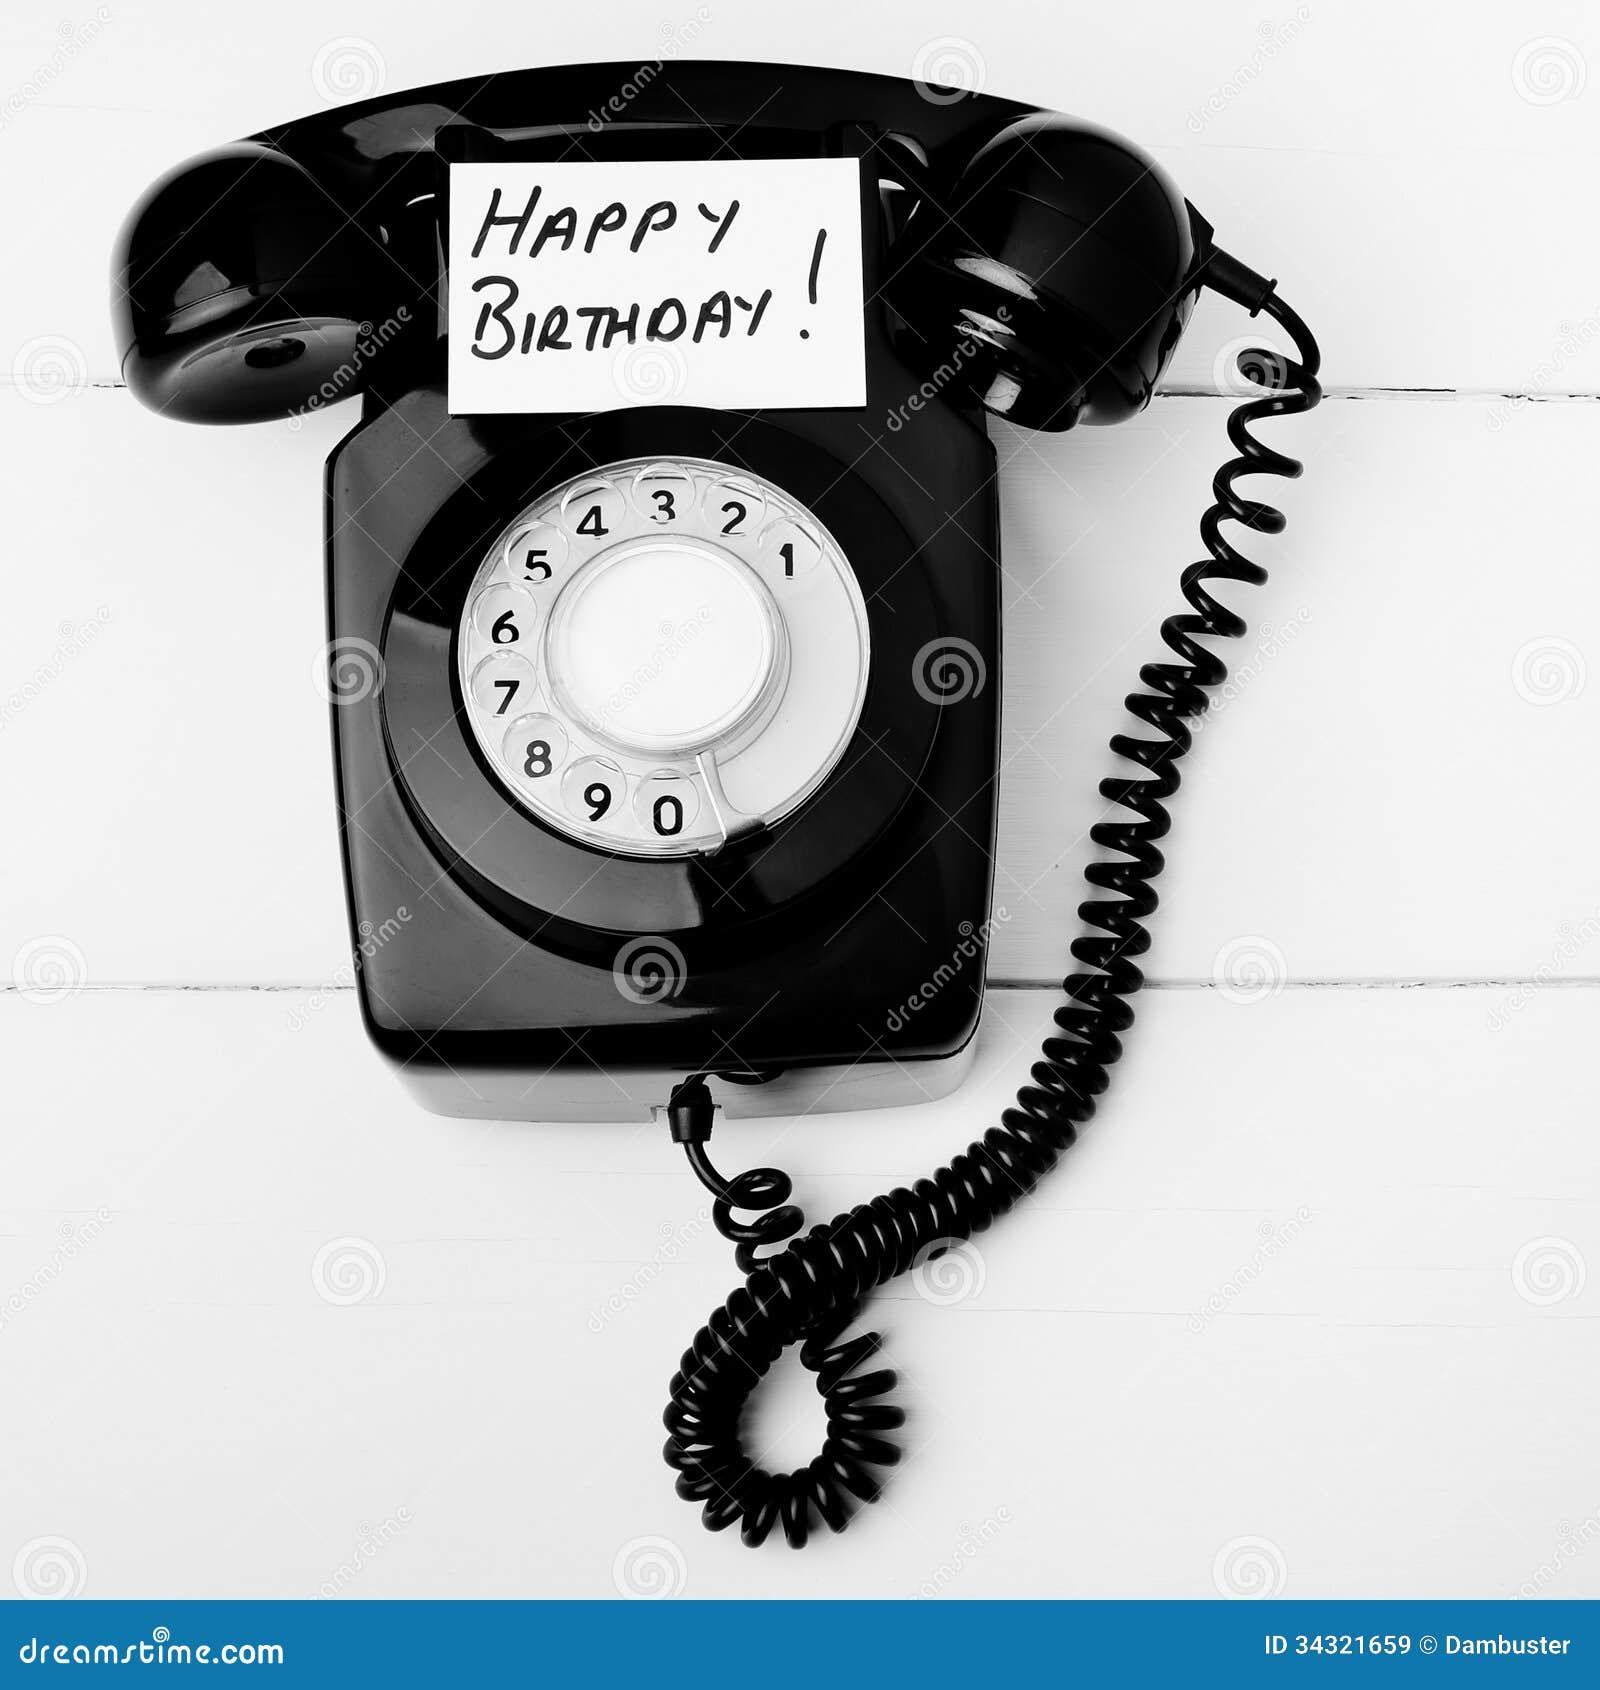 Celebrity birthday phone calls